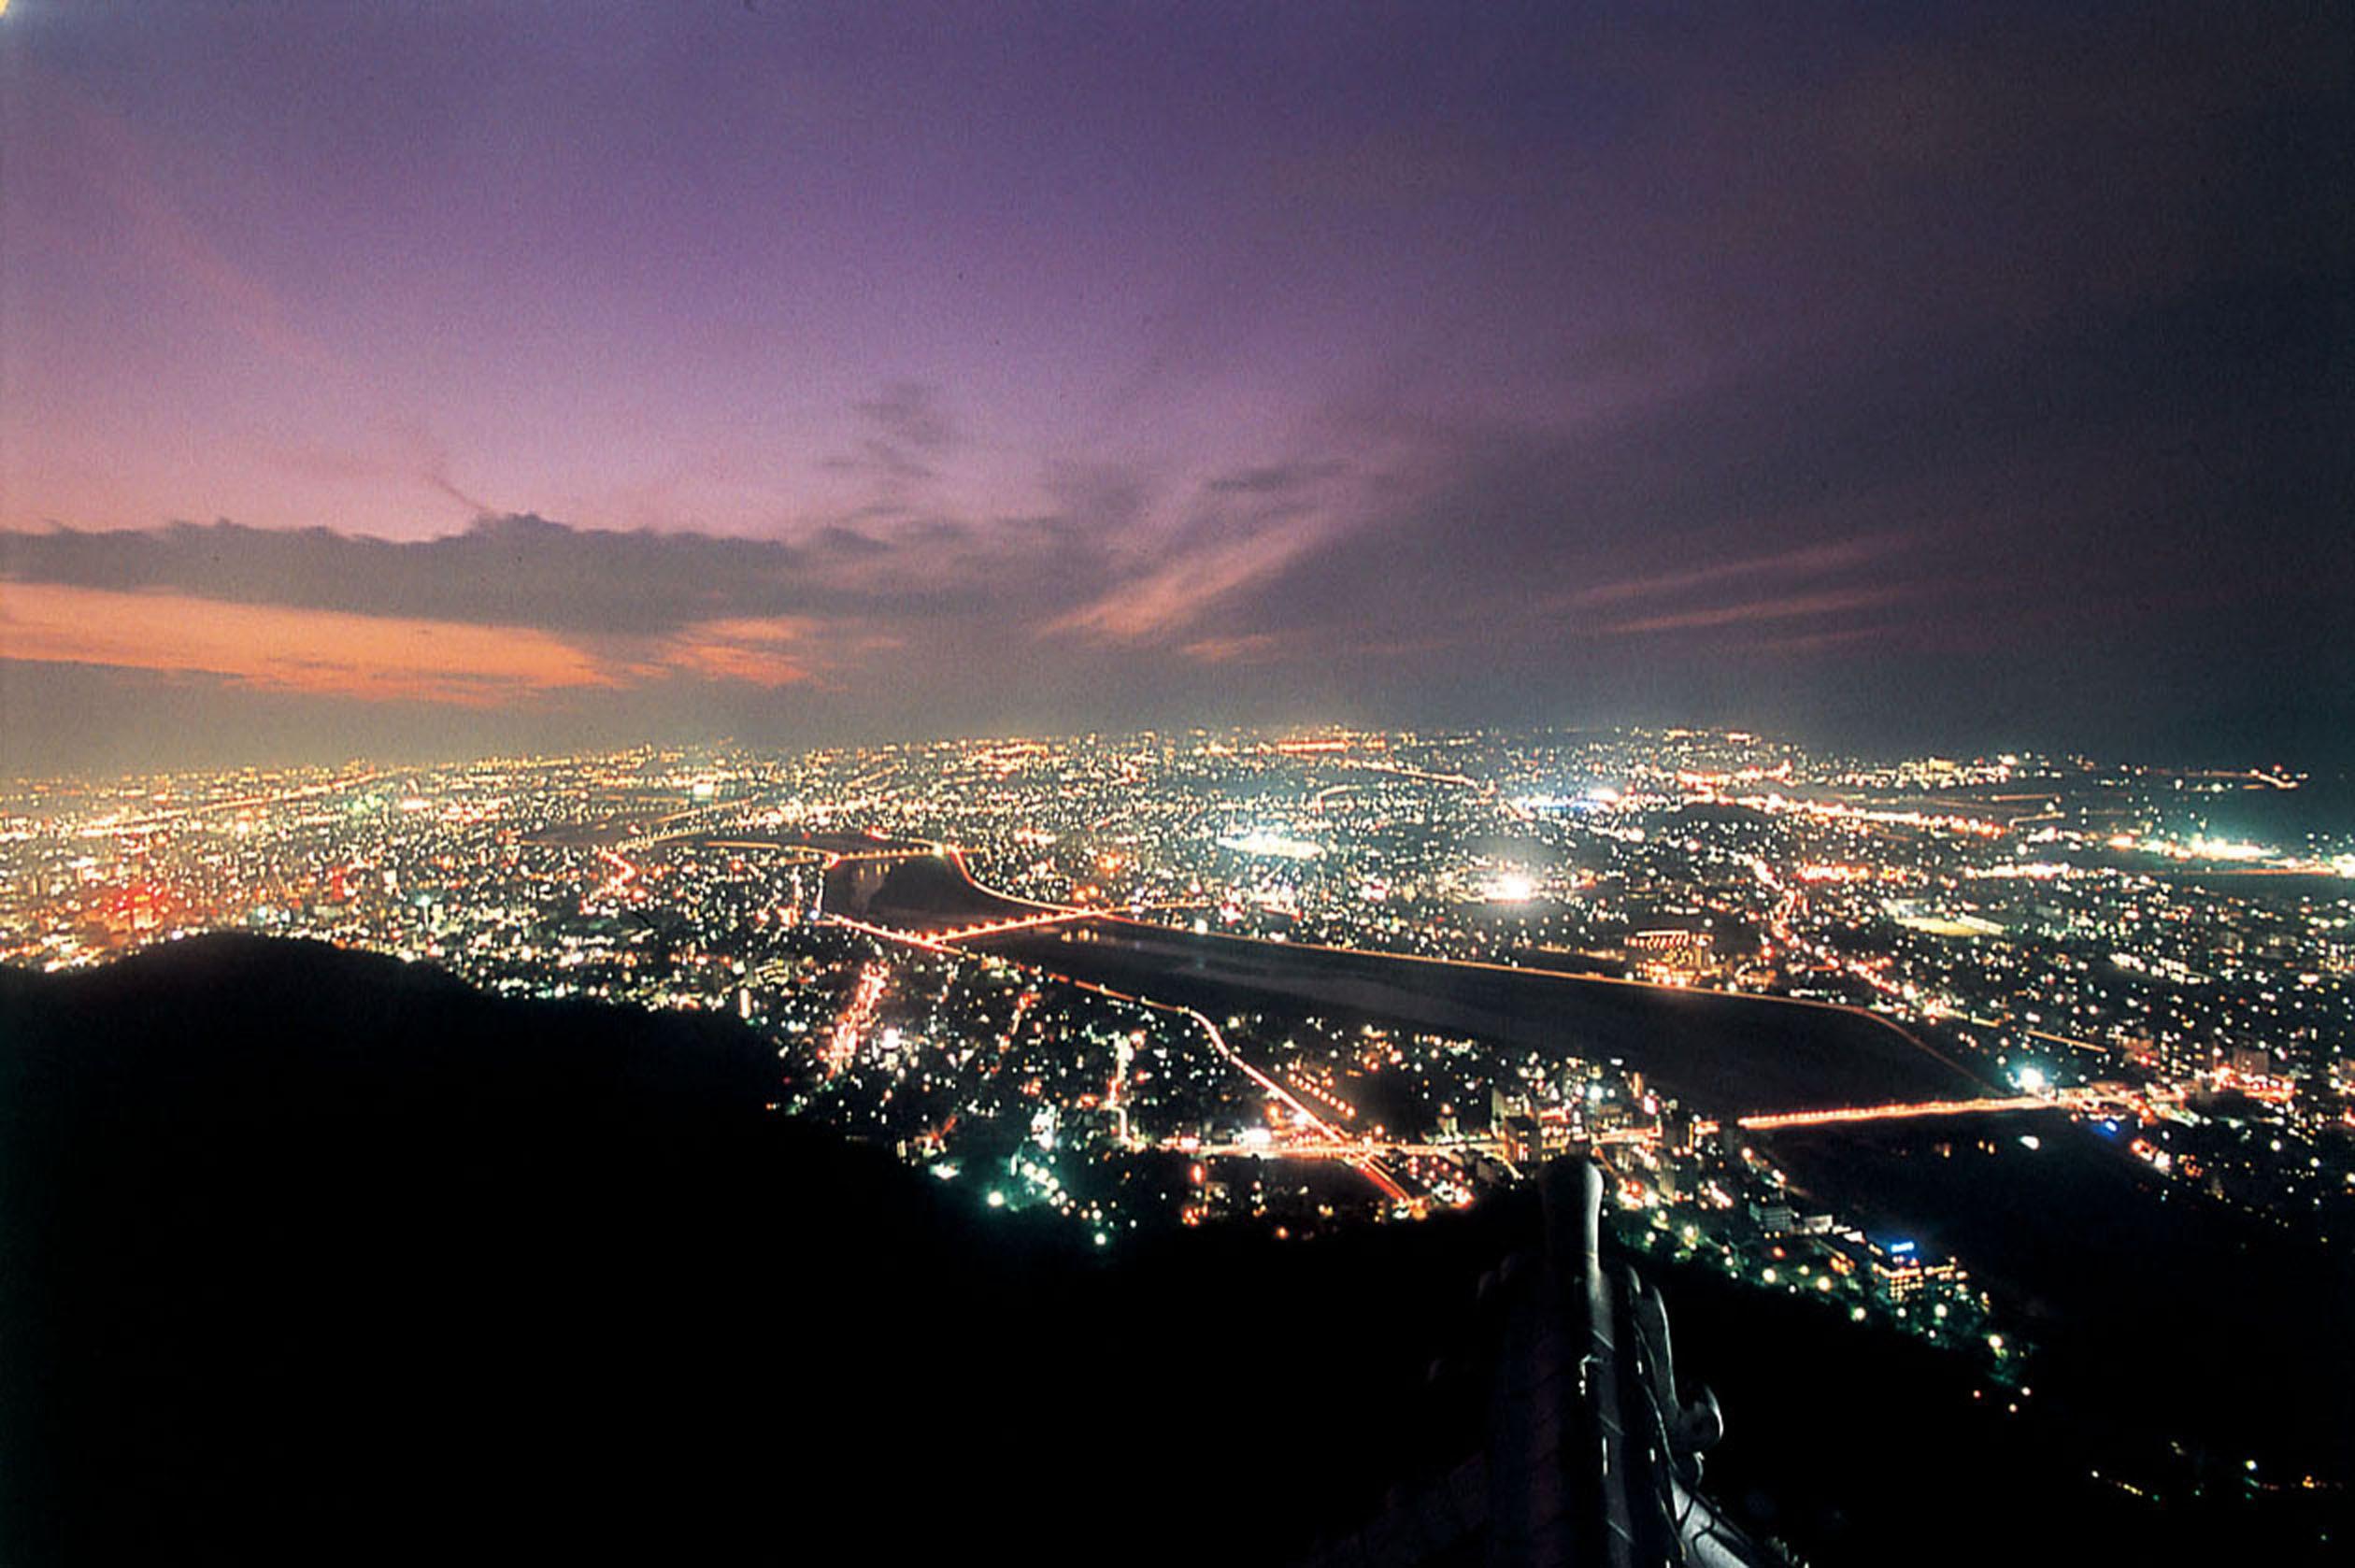 金華山山頂にある岐阜城天守閣から望むパノラマ夜景